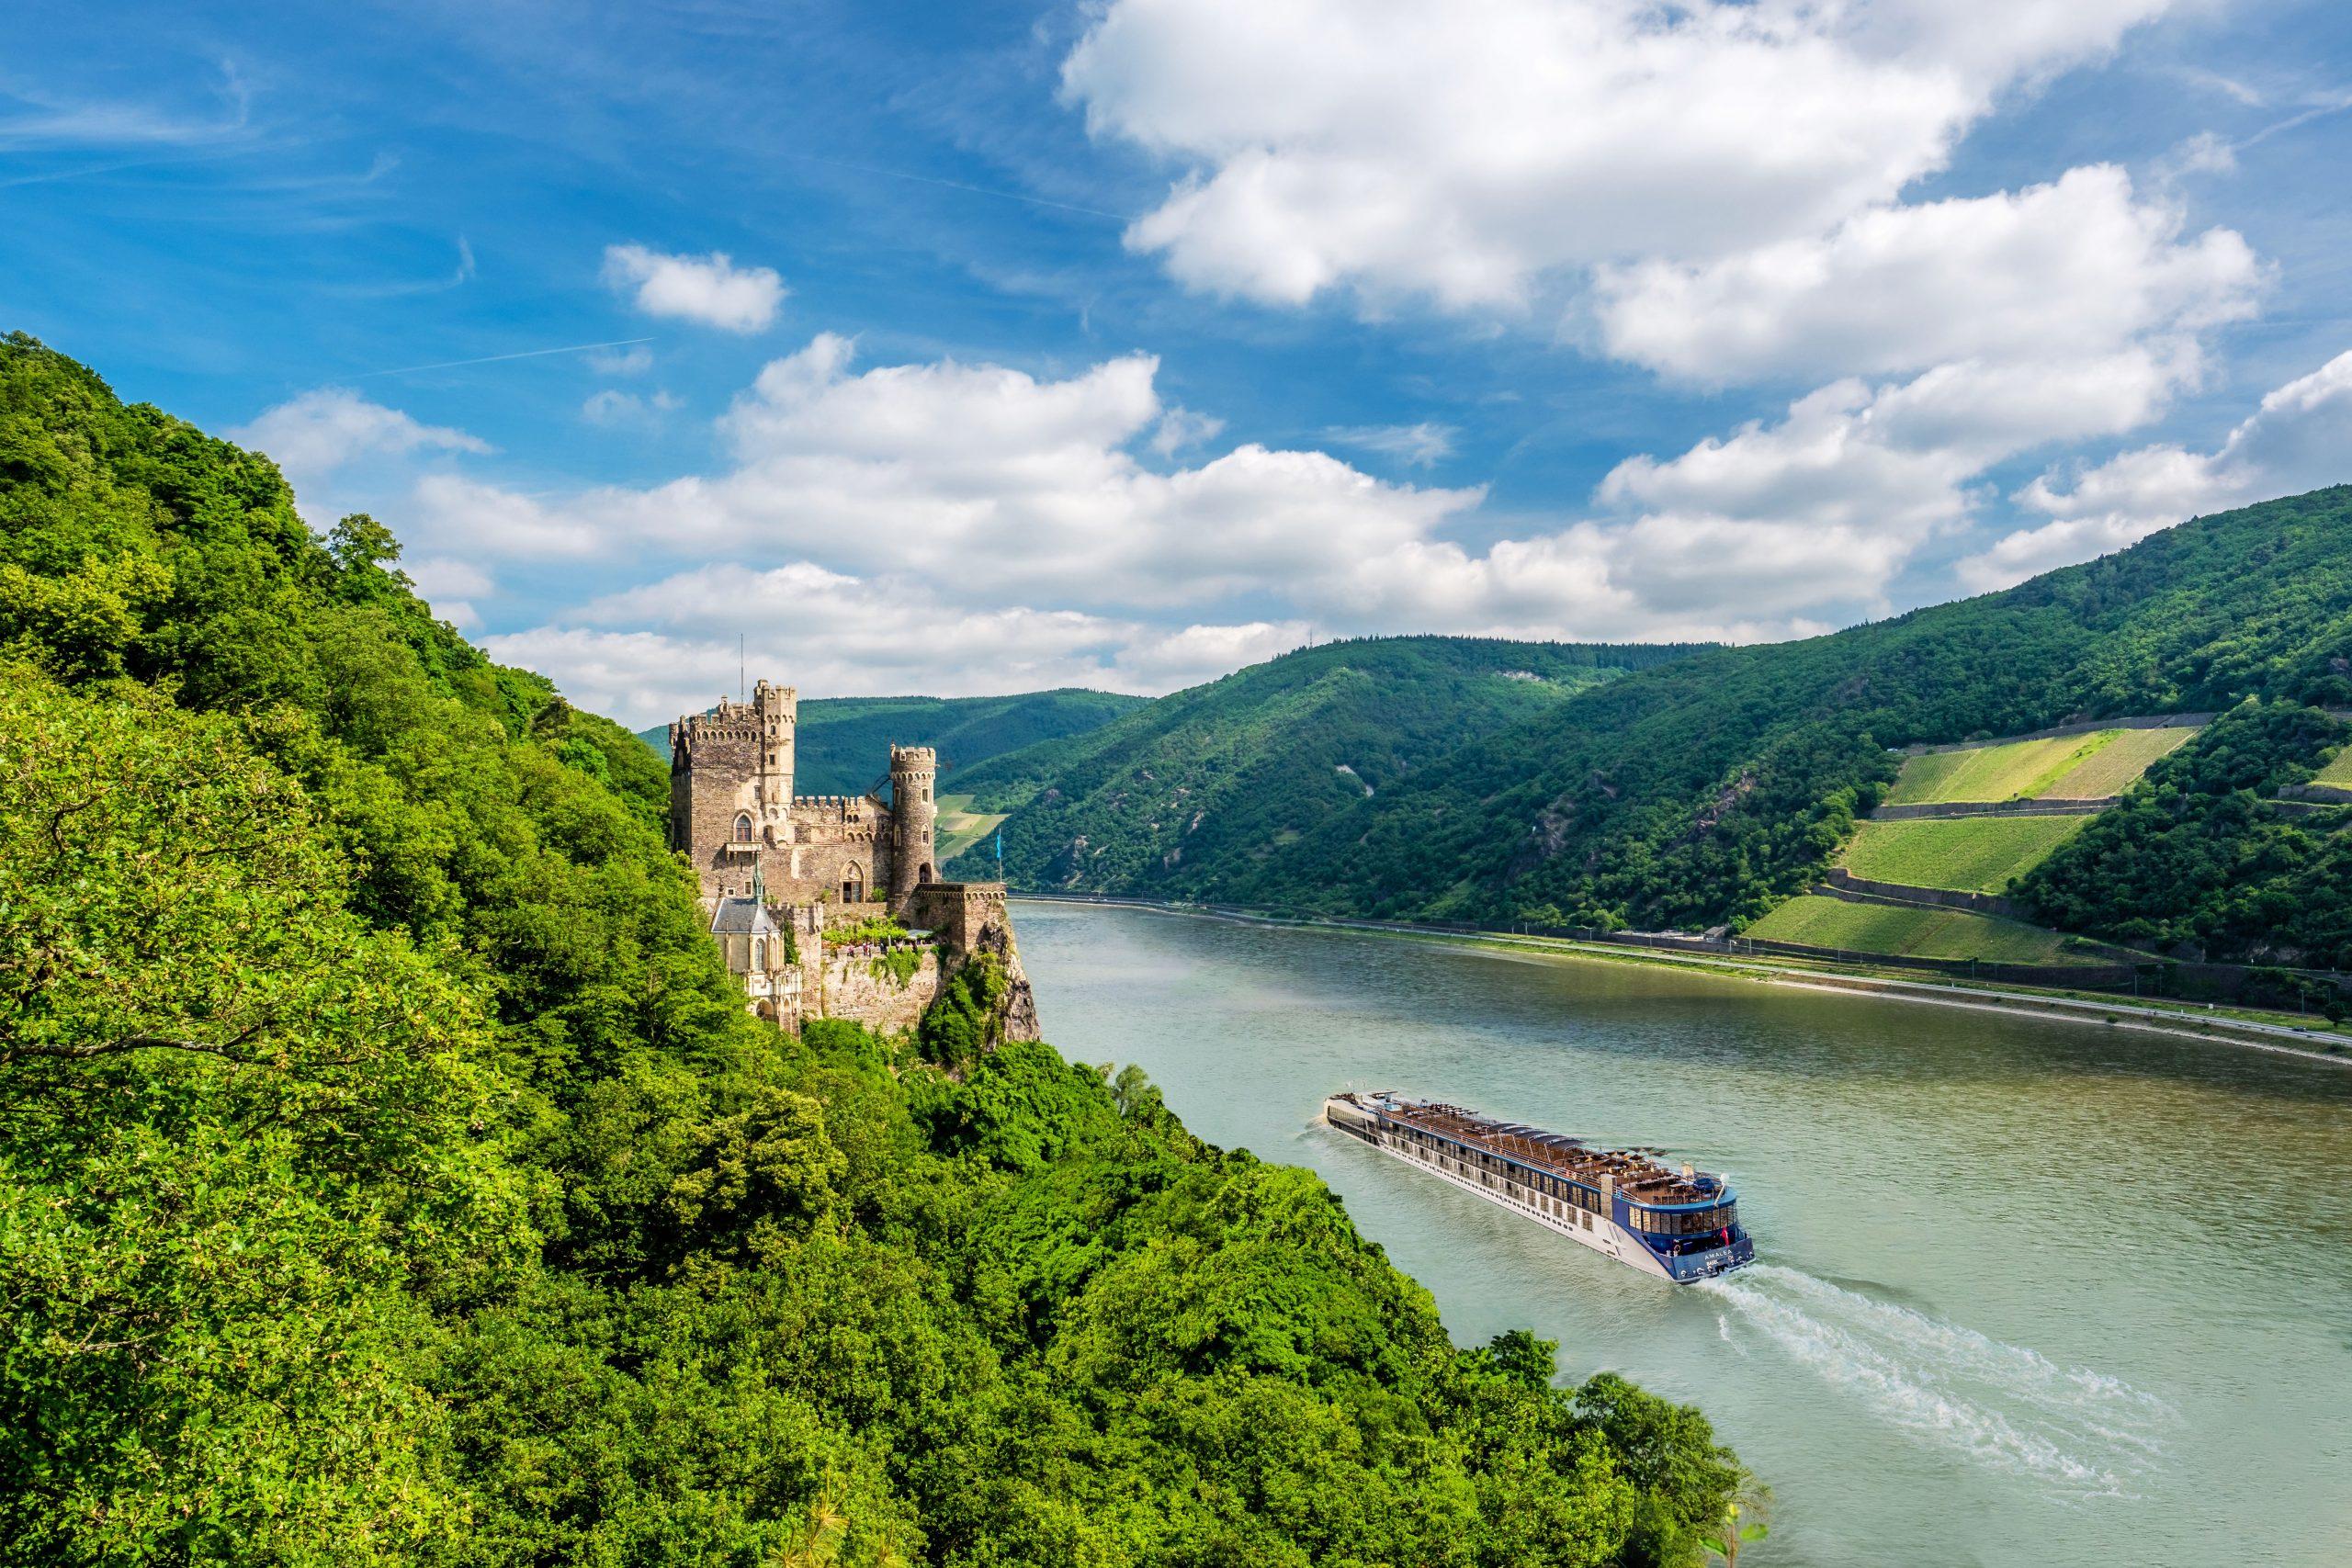 AMALEA_RhineGorge